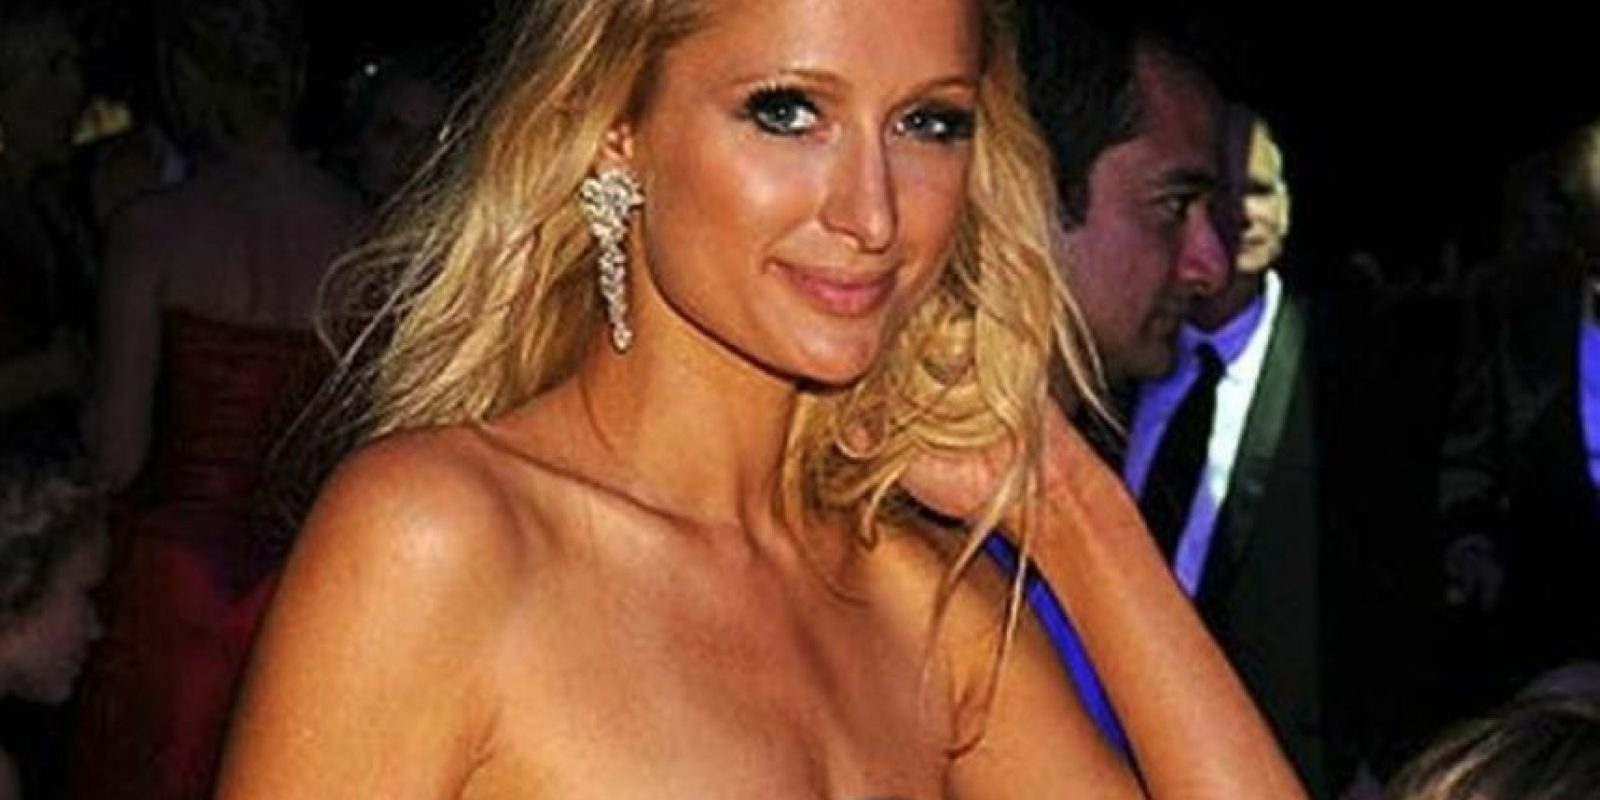 Paris Hilton: 'One Night in Paris', ya es un clásico. Filmado en 2001, Hilton hace todo tipo de cosas con su ex, Rick Salomon. Foto:Getty Images